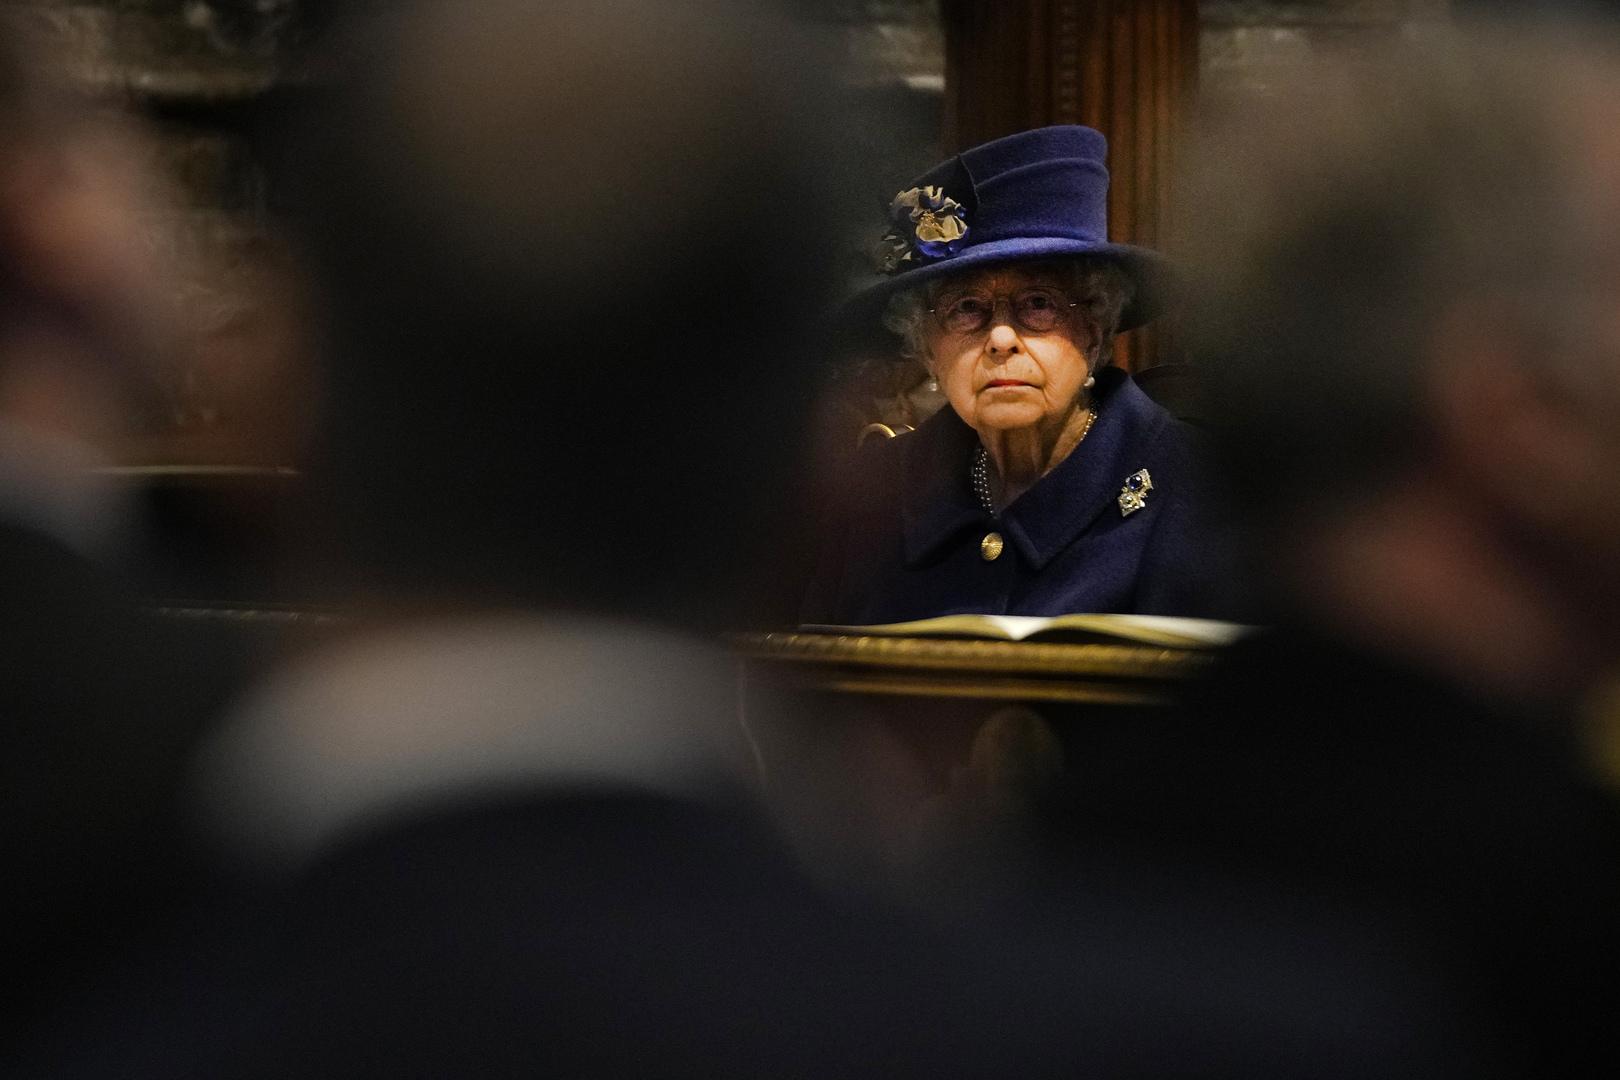 لدواع صحية.. الملكة إليزابيث تتخلى عن خططها لحضور قمة غلاسكو المناخية